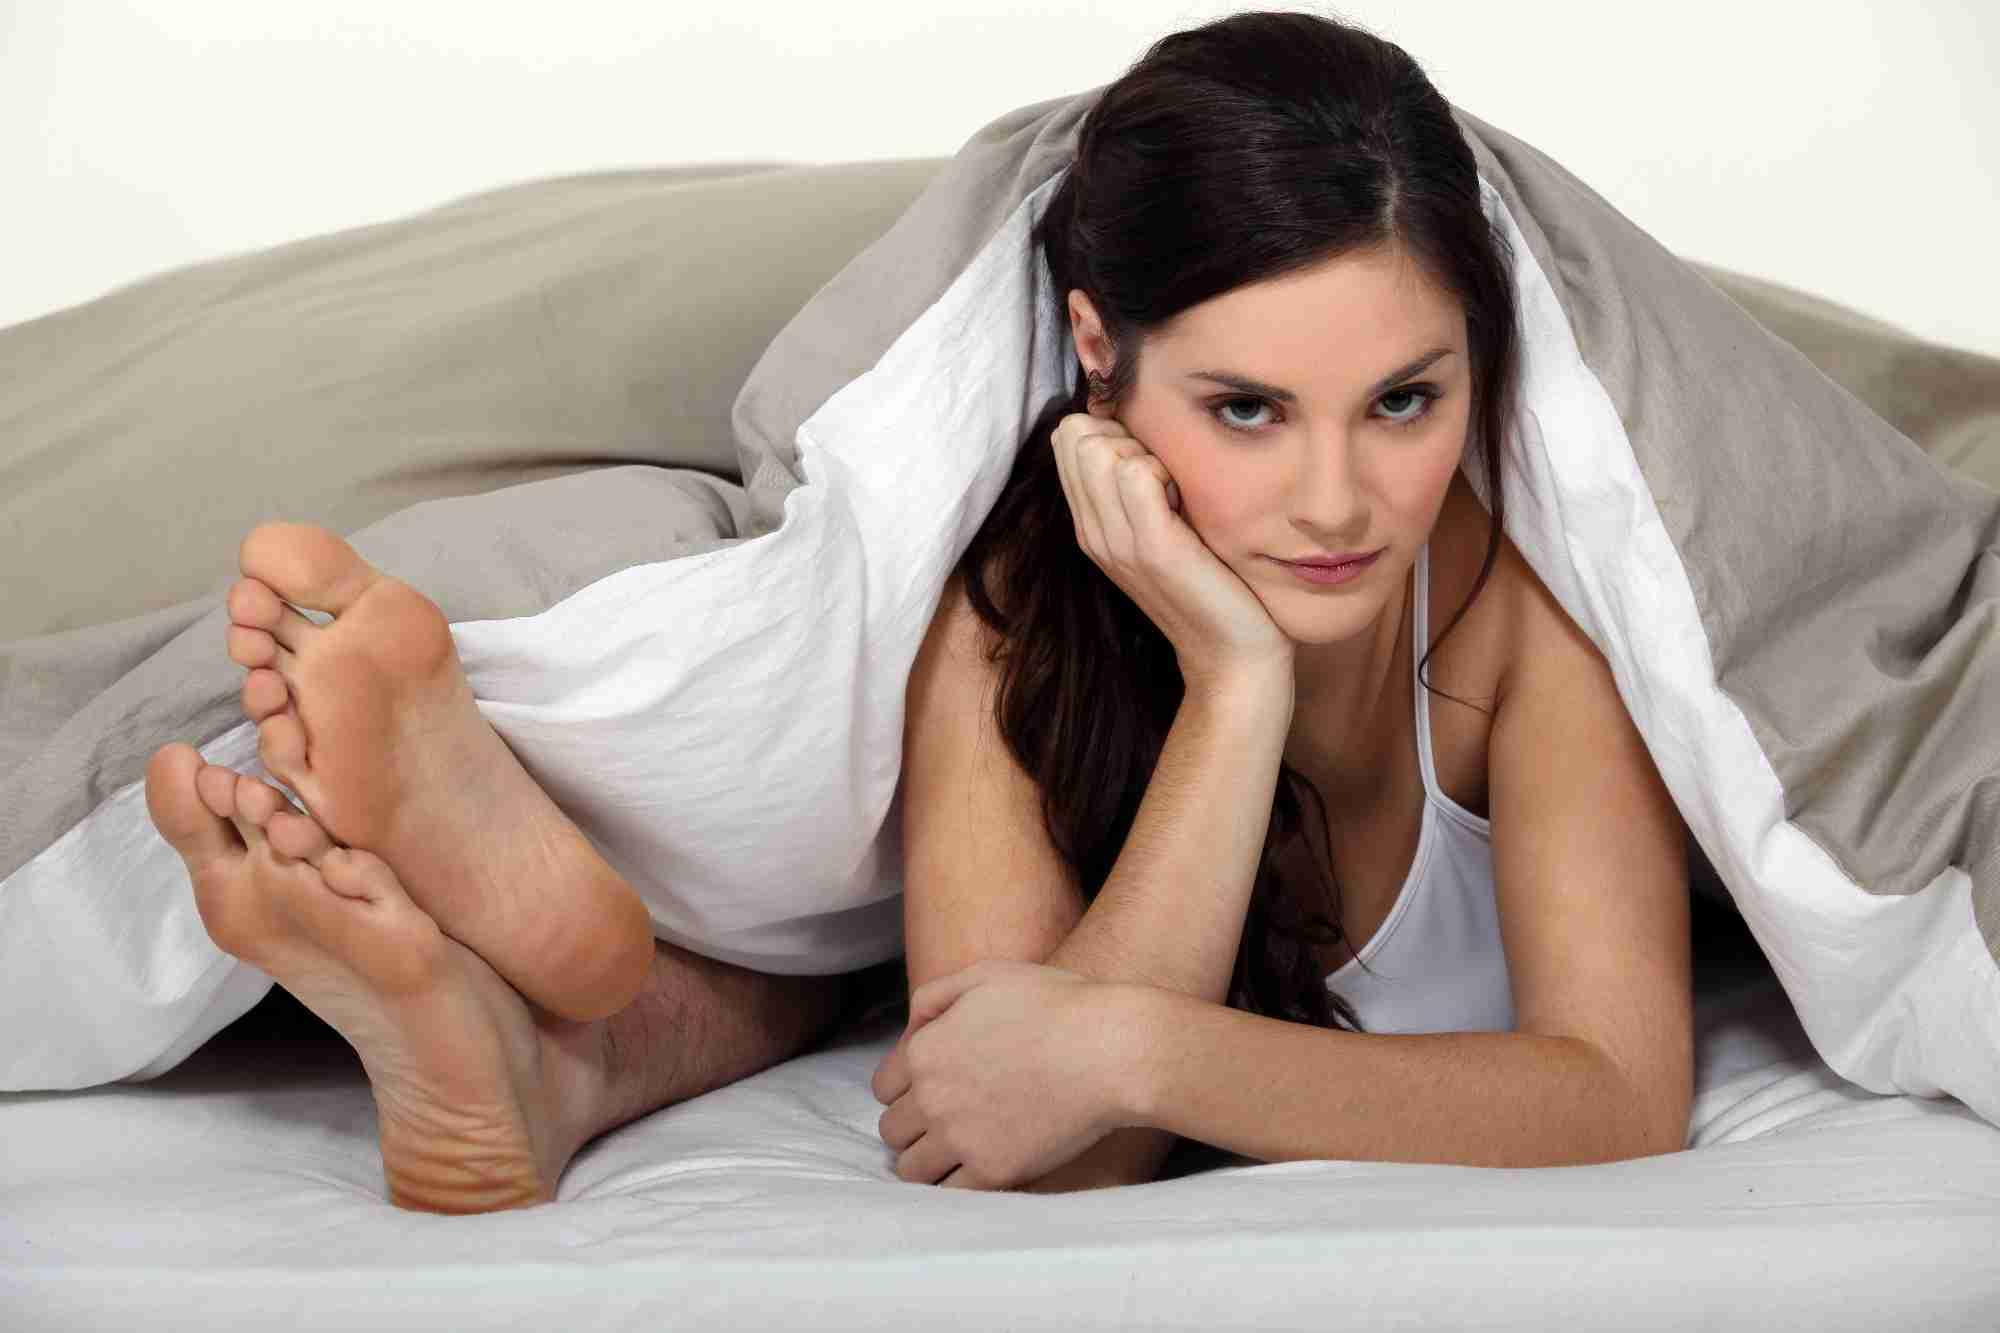 vagin-osnovnoy-instinkt-psihologiya-intimnih-otnosheniy